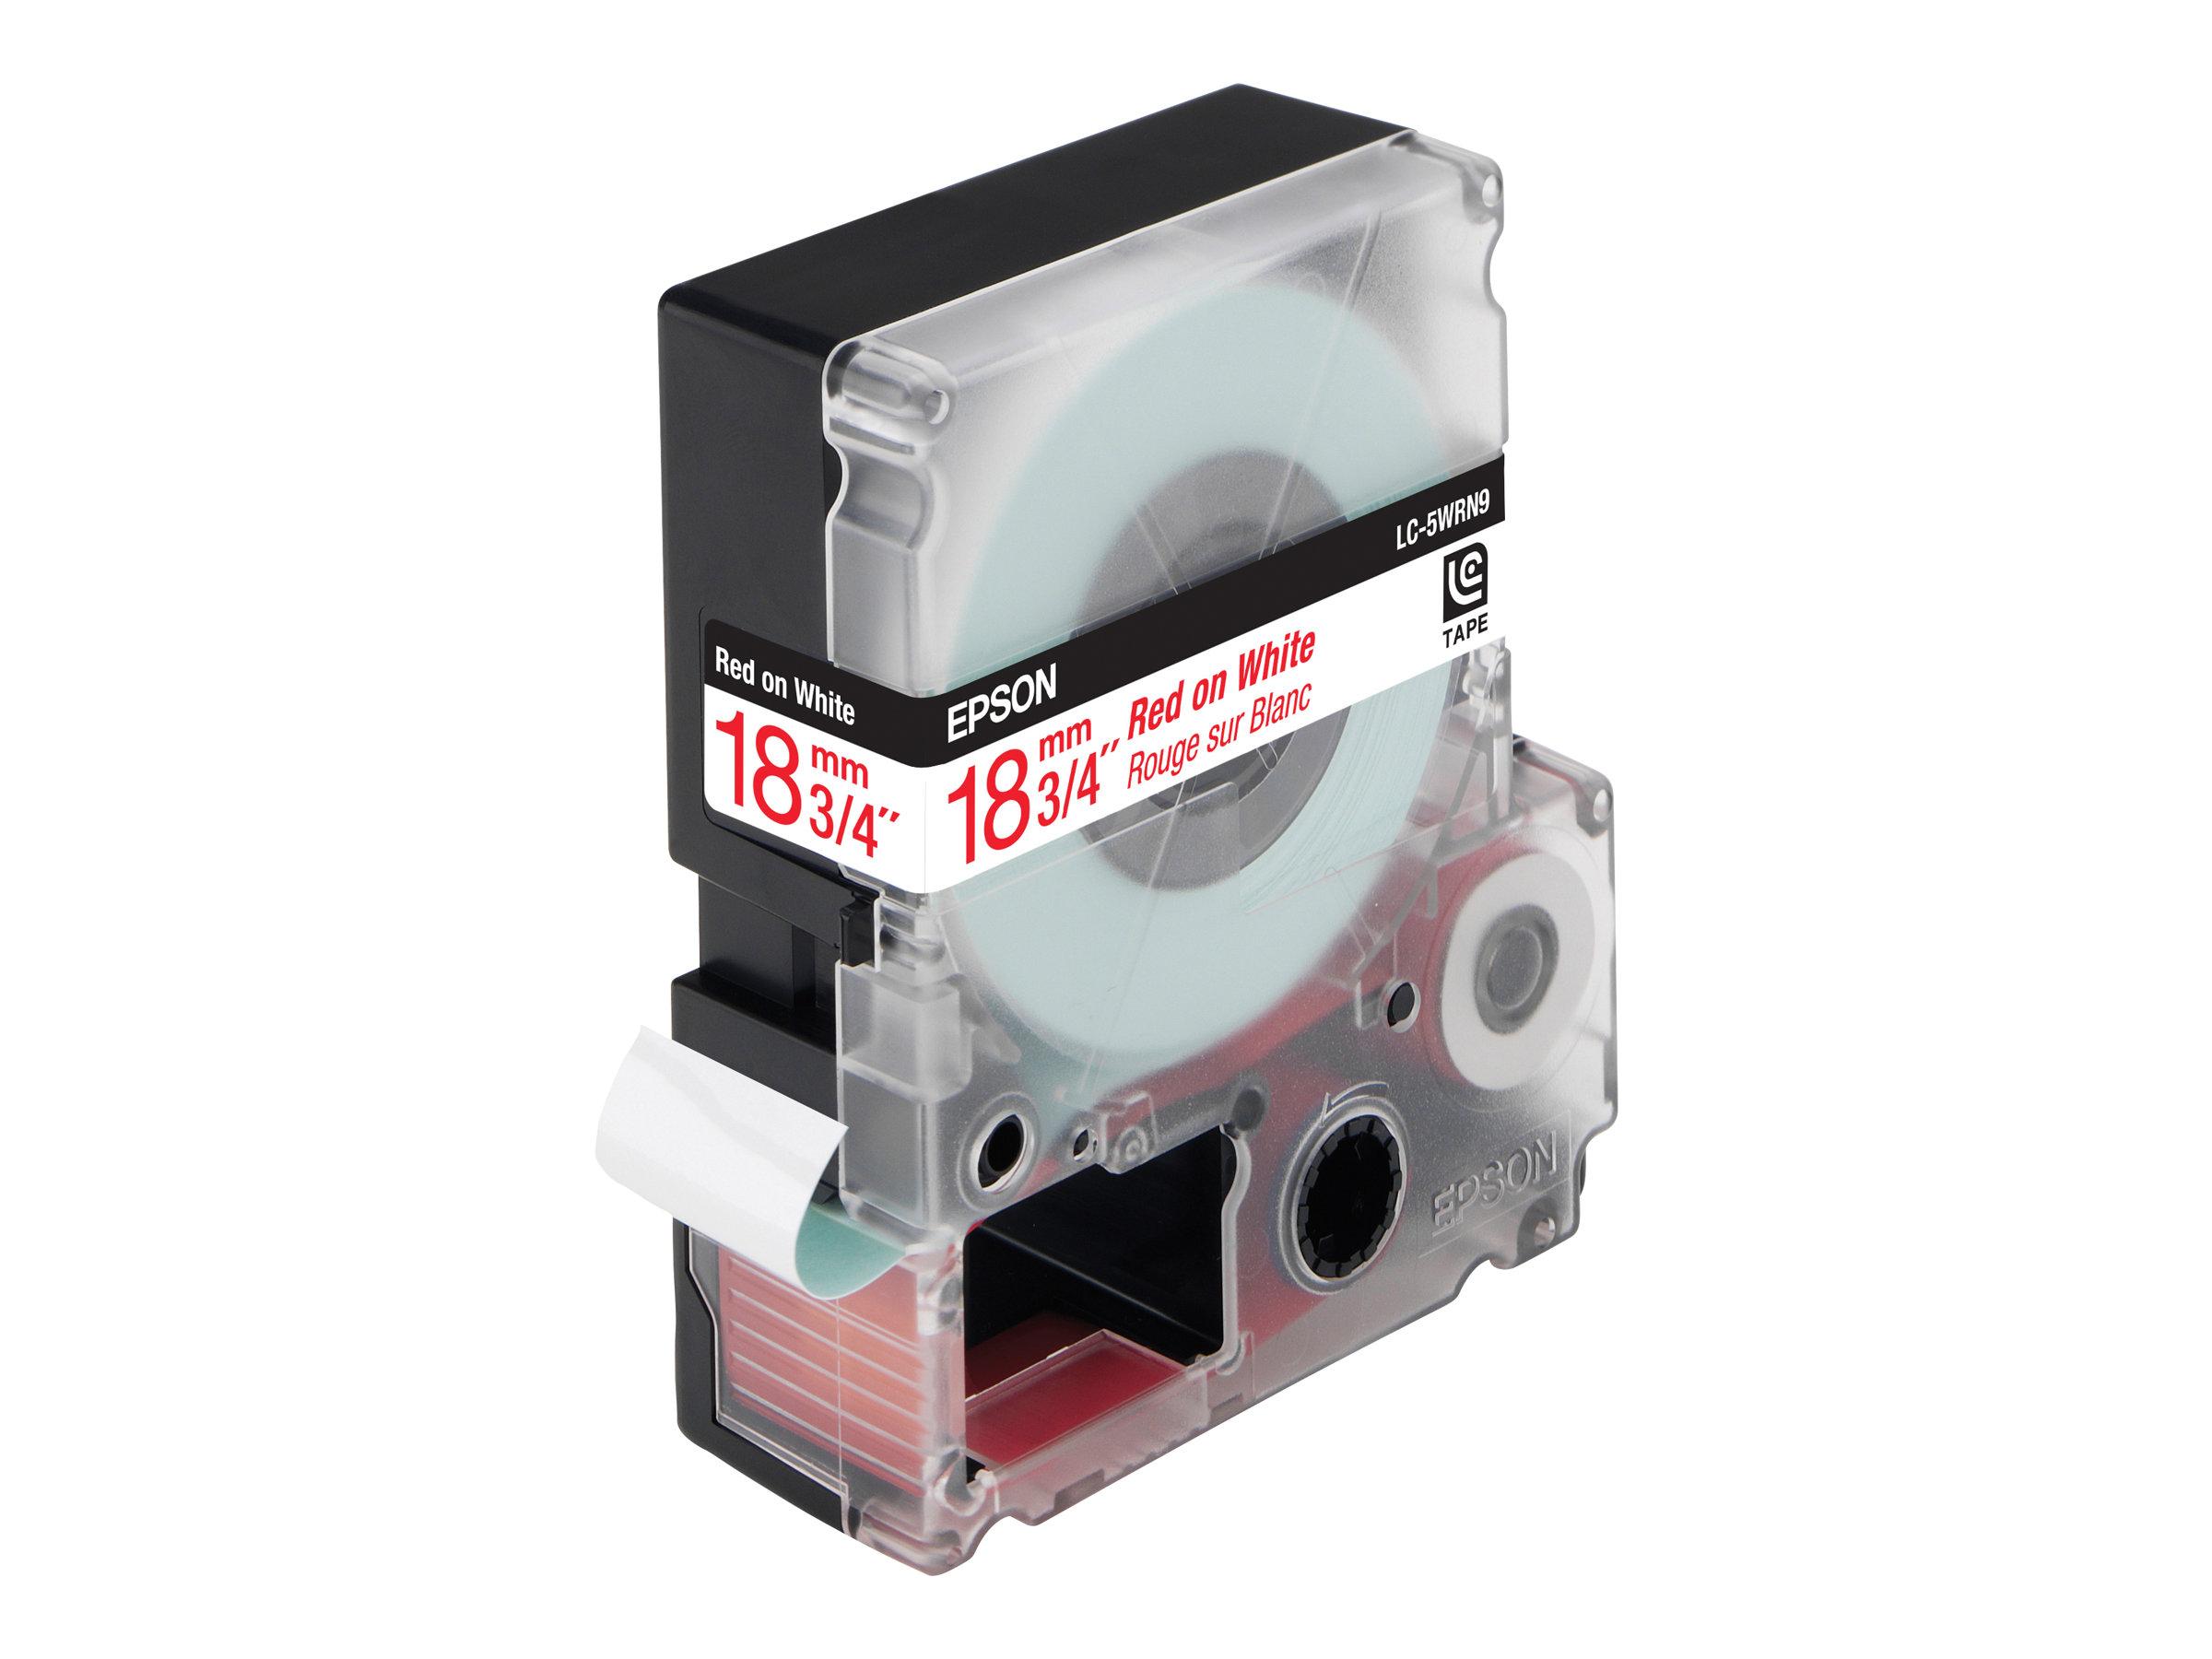 Epson LC-5WRN9 - Rot auf Weiß - Rolle (1,8 cm x 9 m) 1 Rolle(n) Bandetiketten